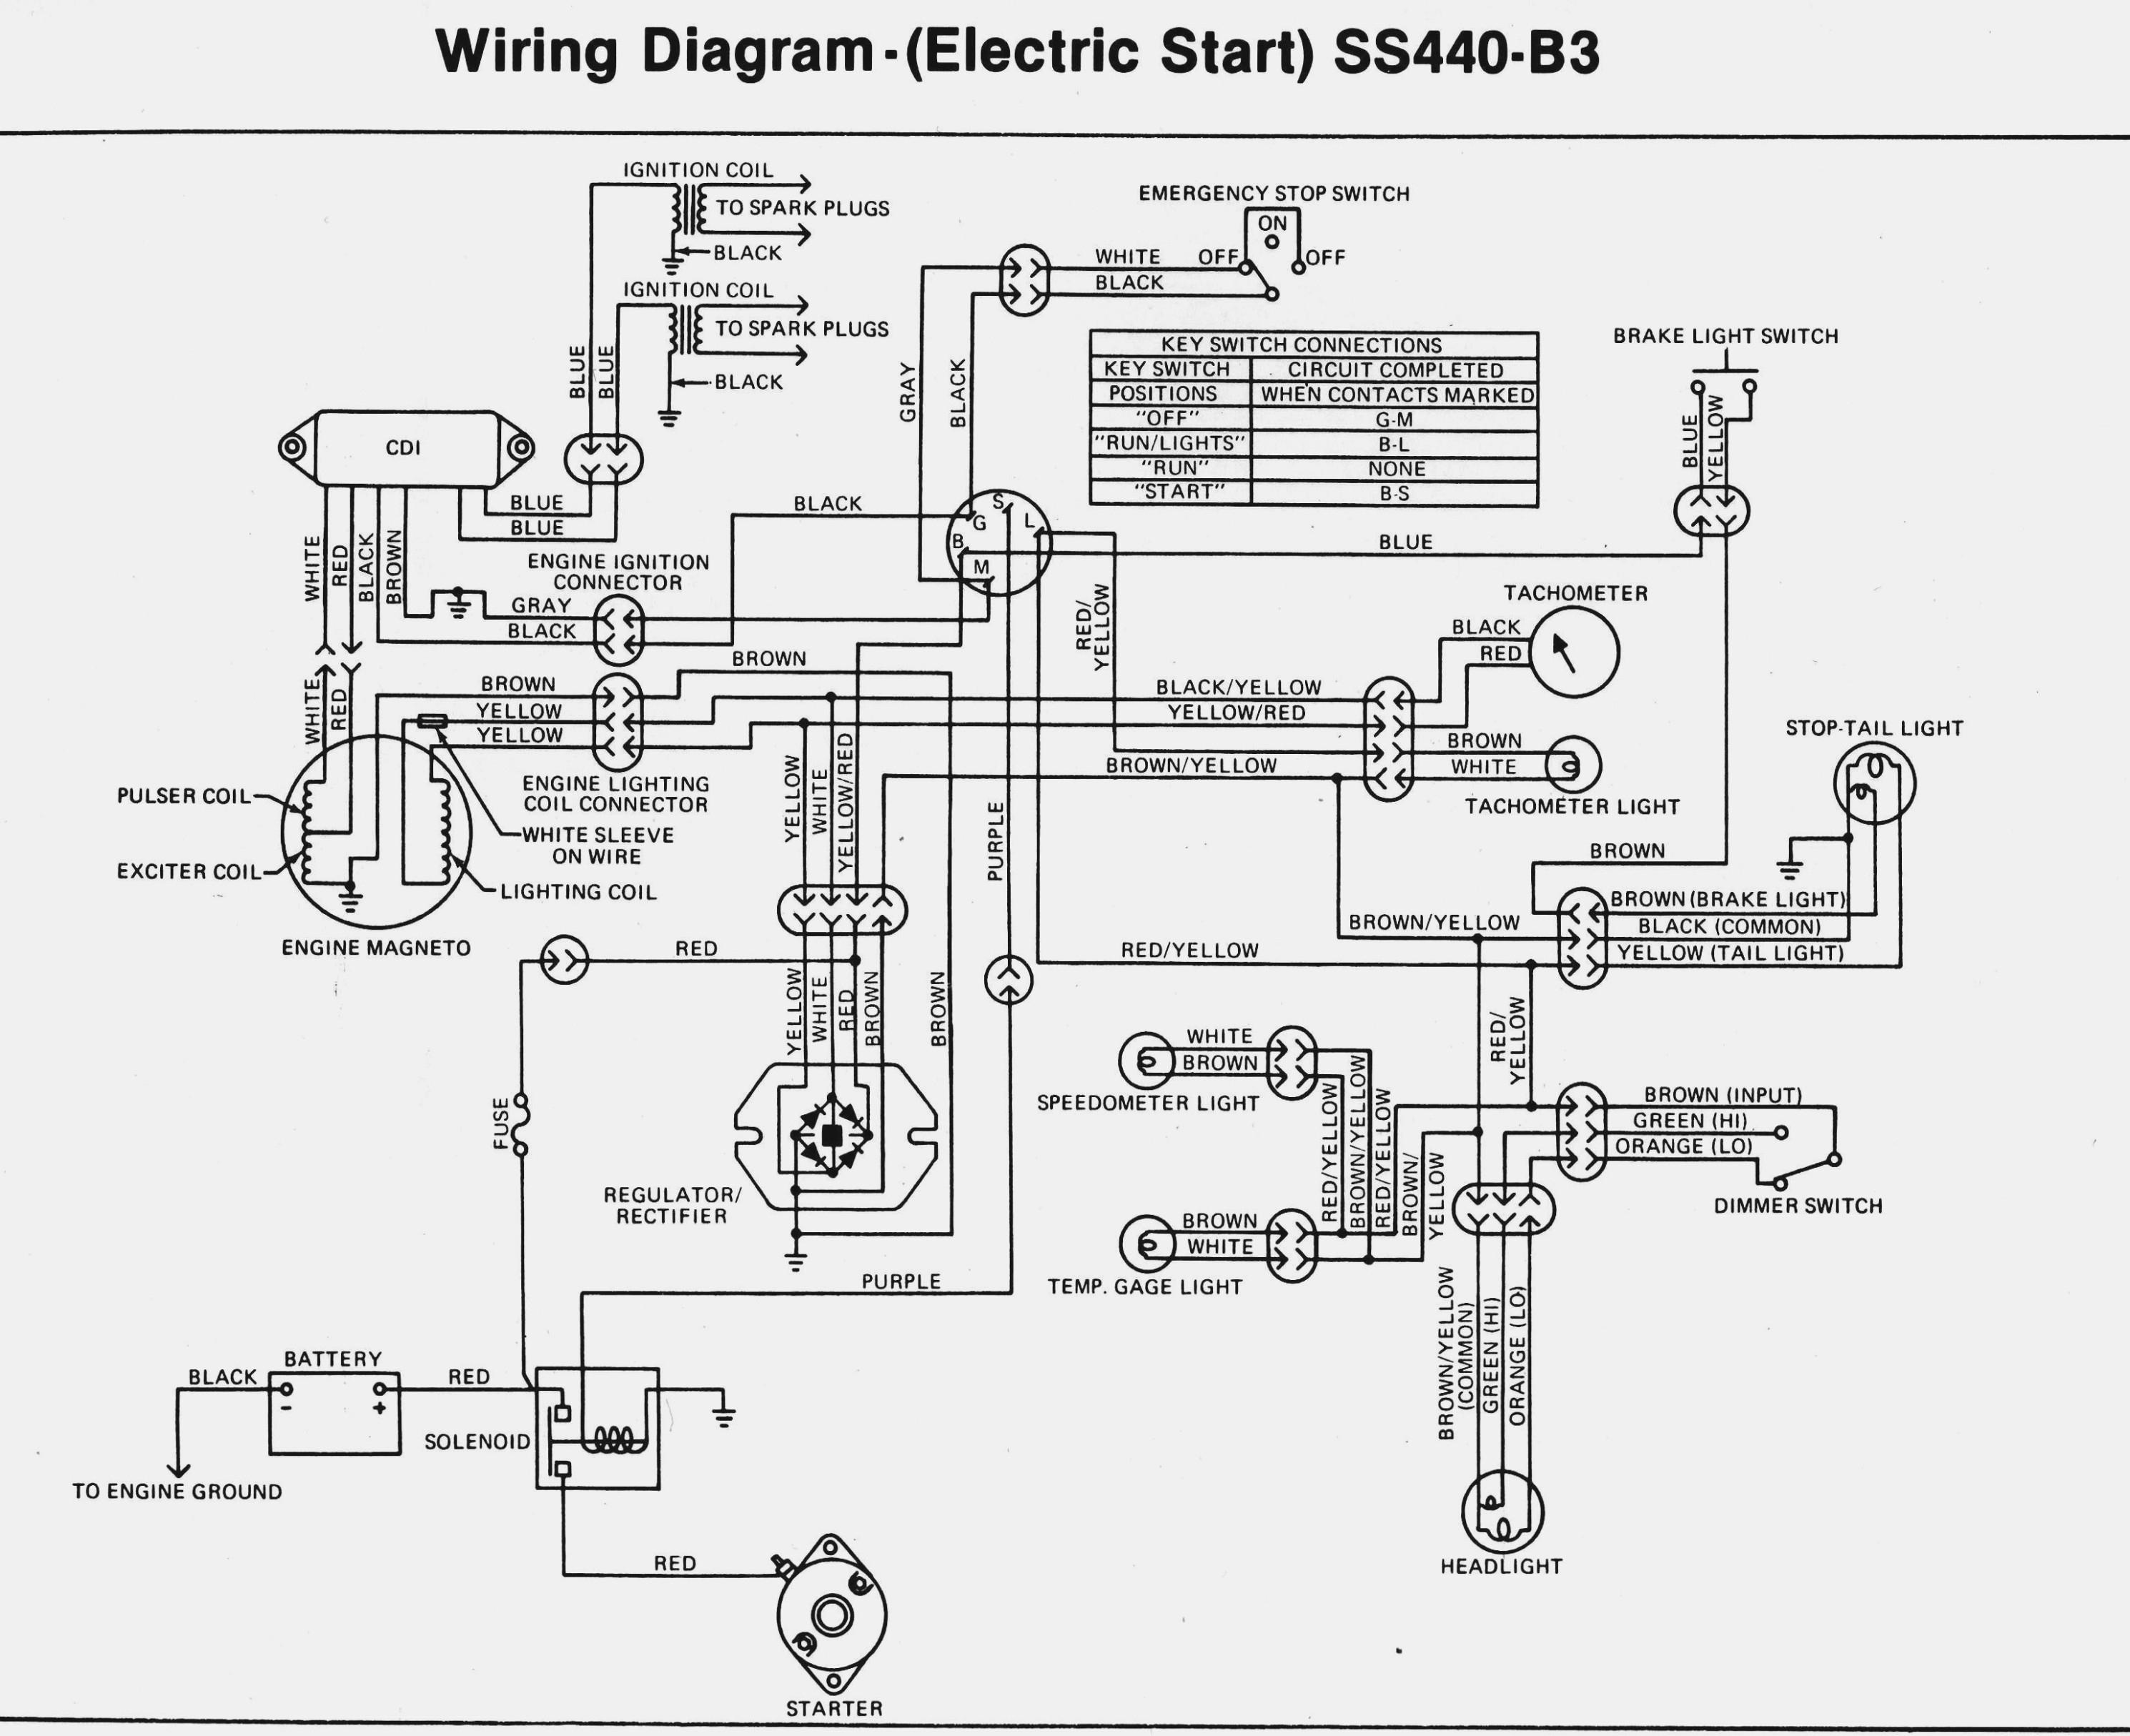 Honda Gx200 Starter Wiring | Wiring Diagram - Honda Gx160 Electric Start Wiring Diagram